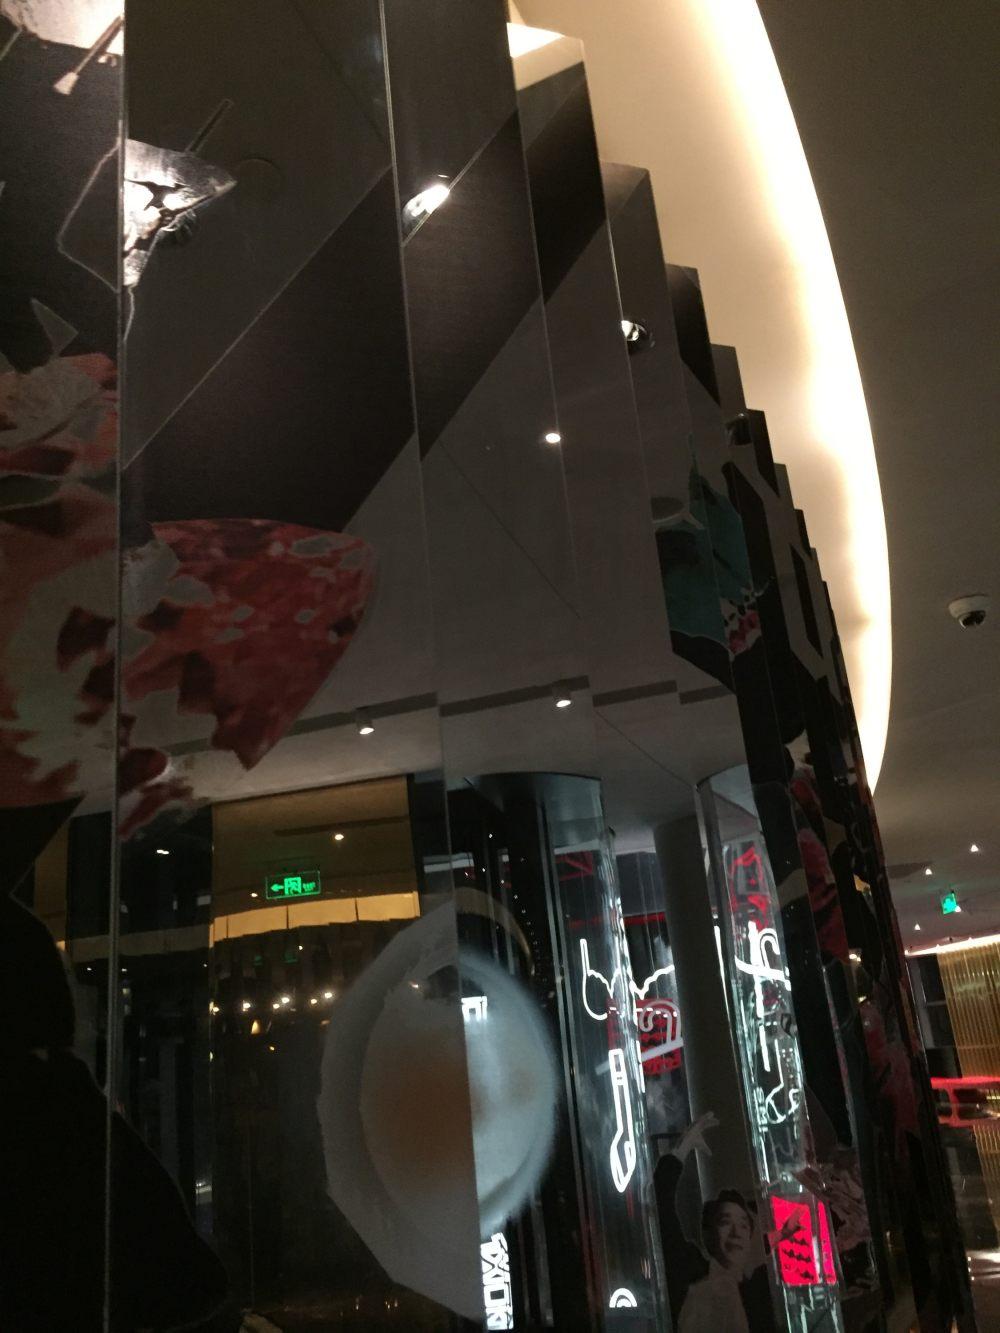 上海外滩W酒店,史上最全入住体验 自拍分享,申请置...._IMG_6019.JPG